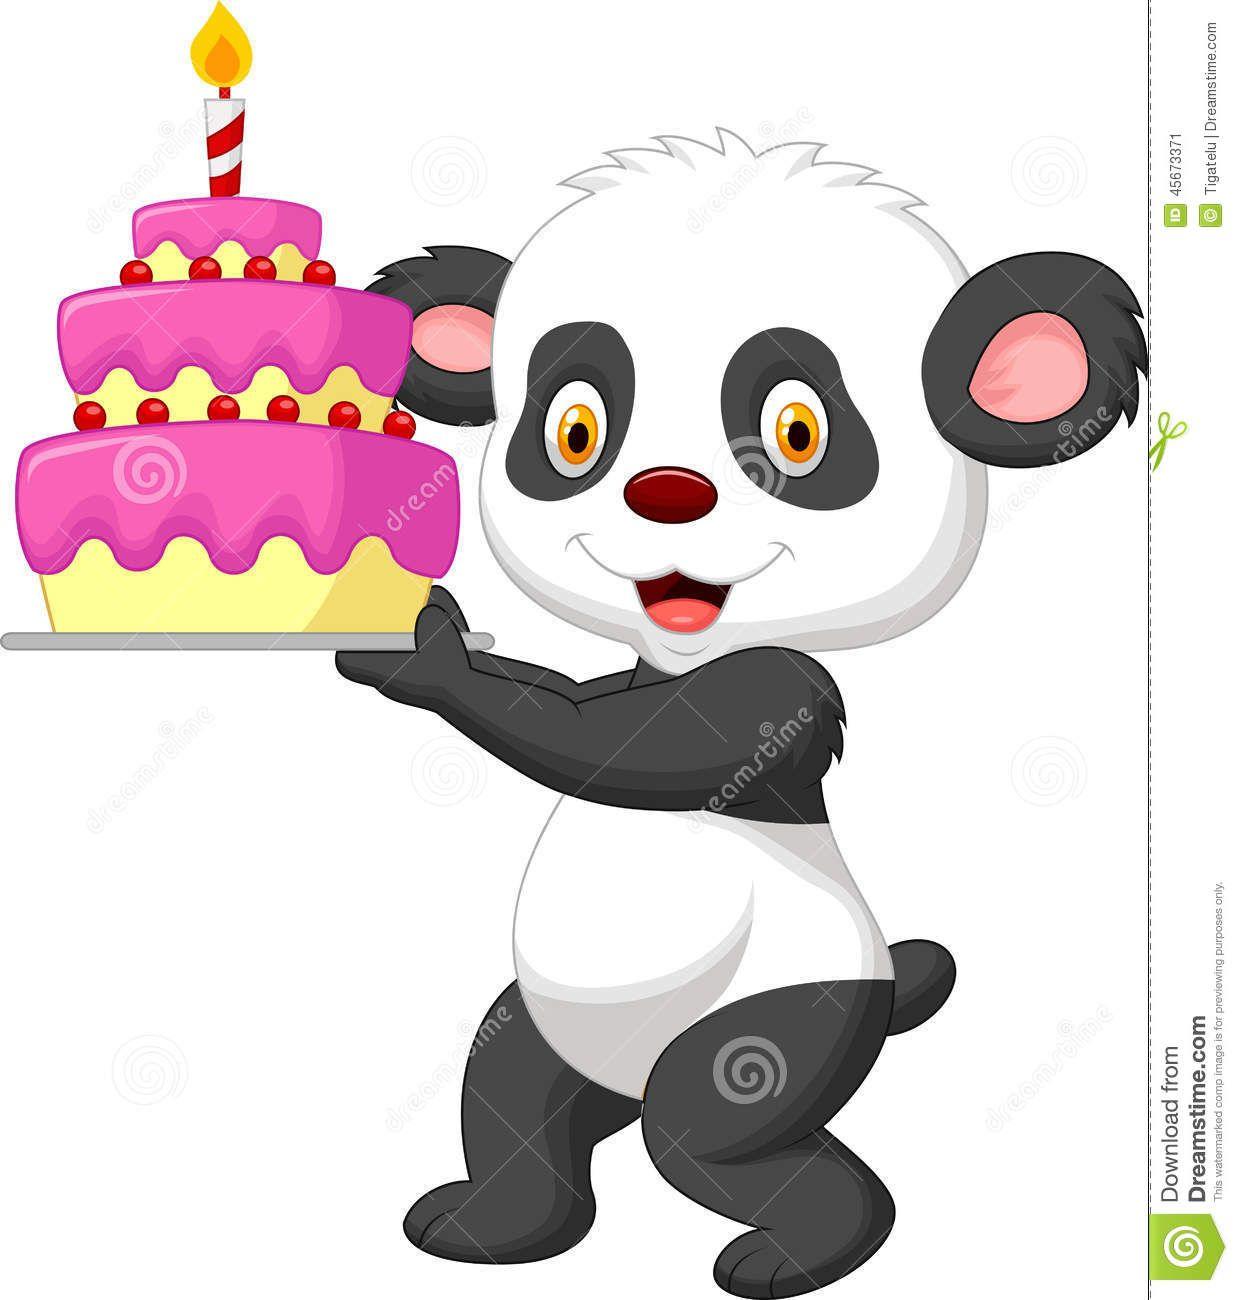 Desenhos animados da panda com bolo de aniversário | panda ...